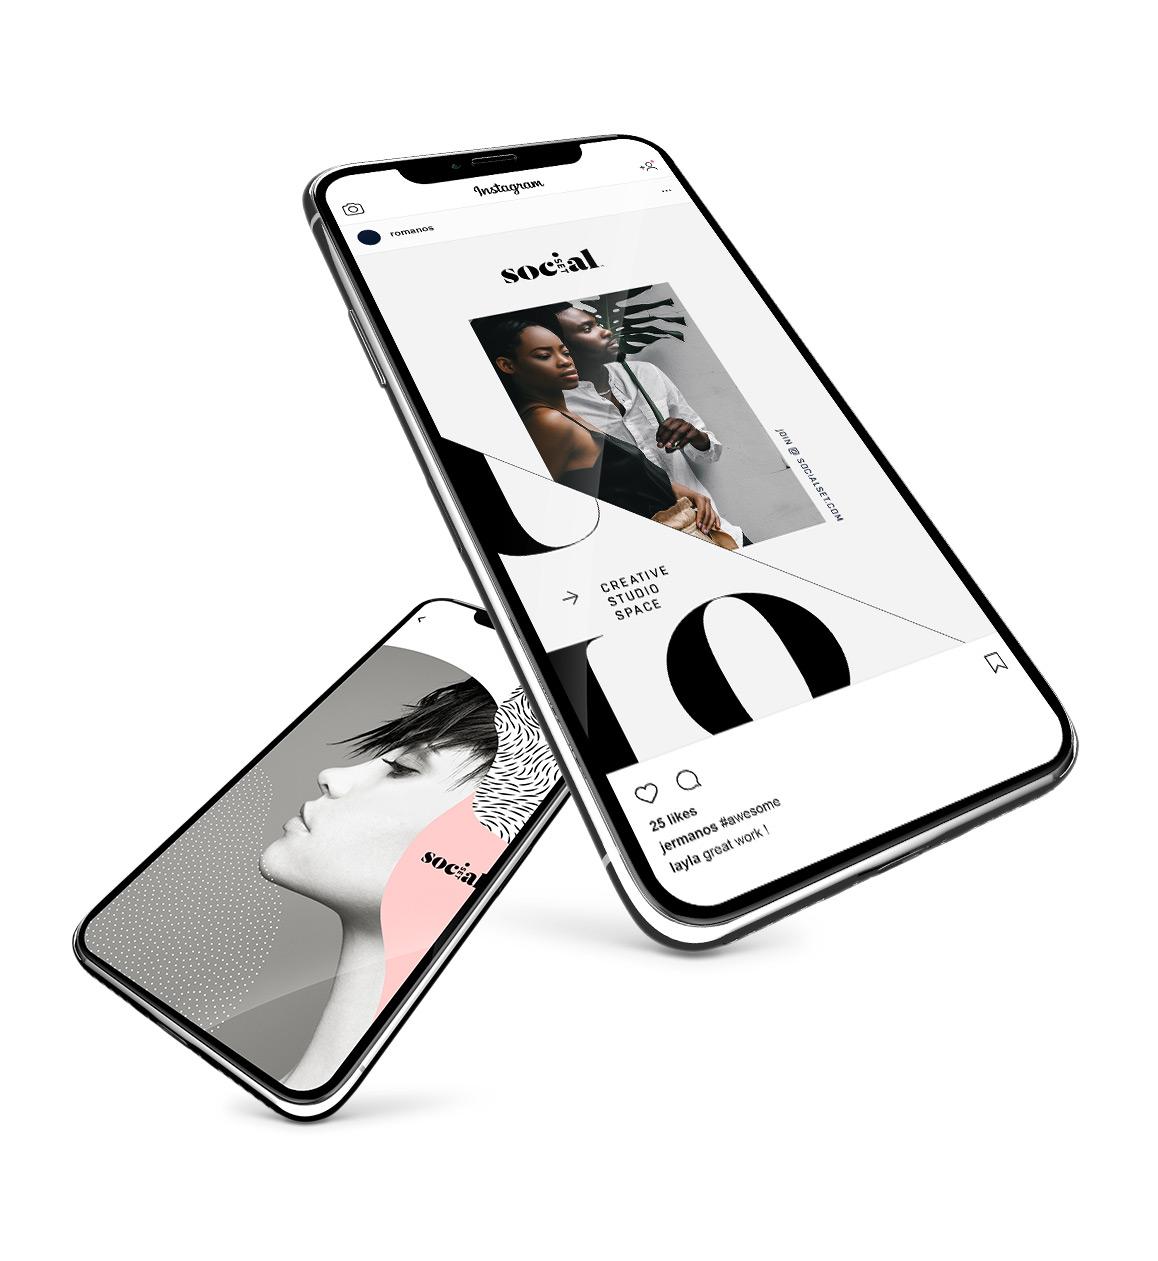 fashion influencer instagram toolkit design